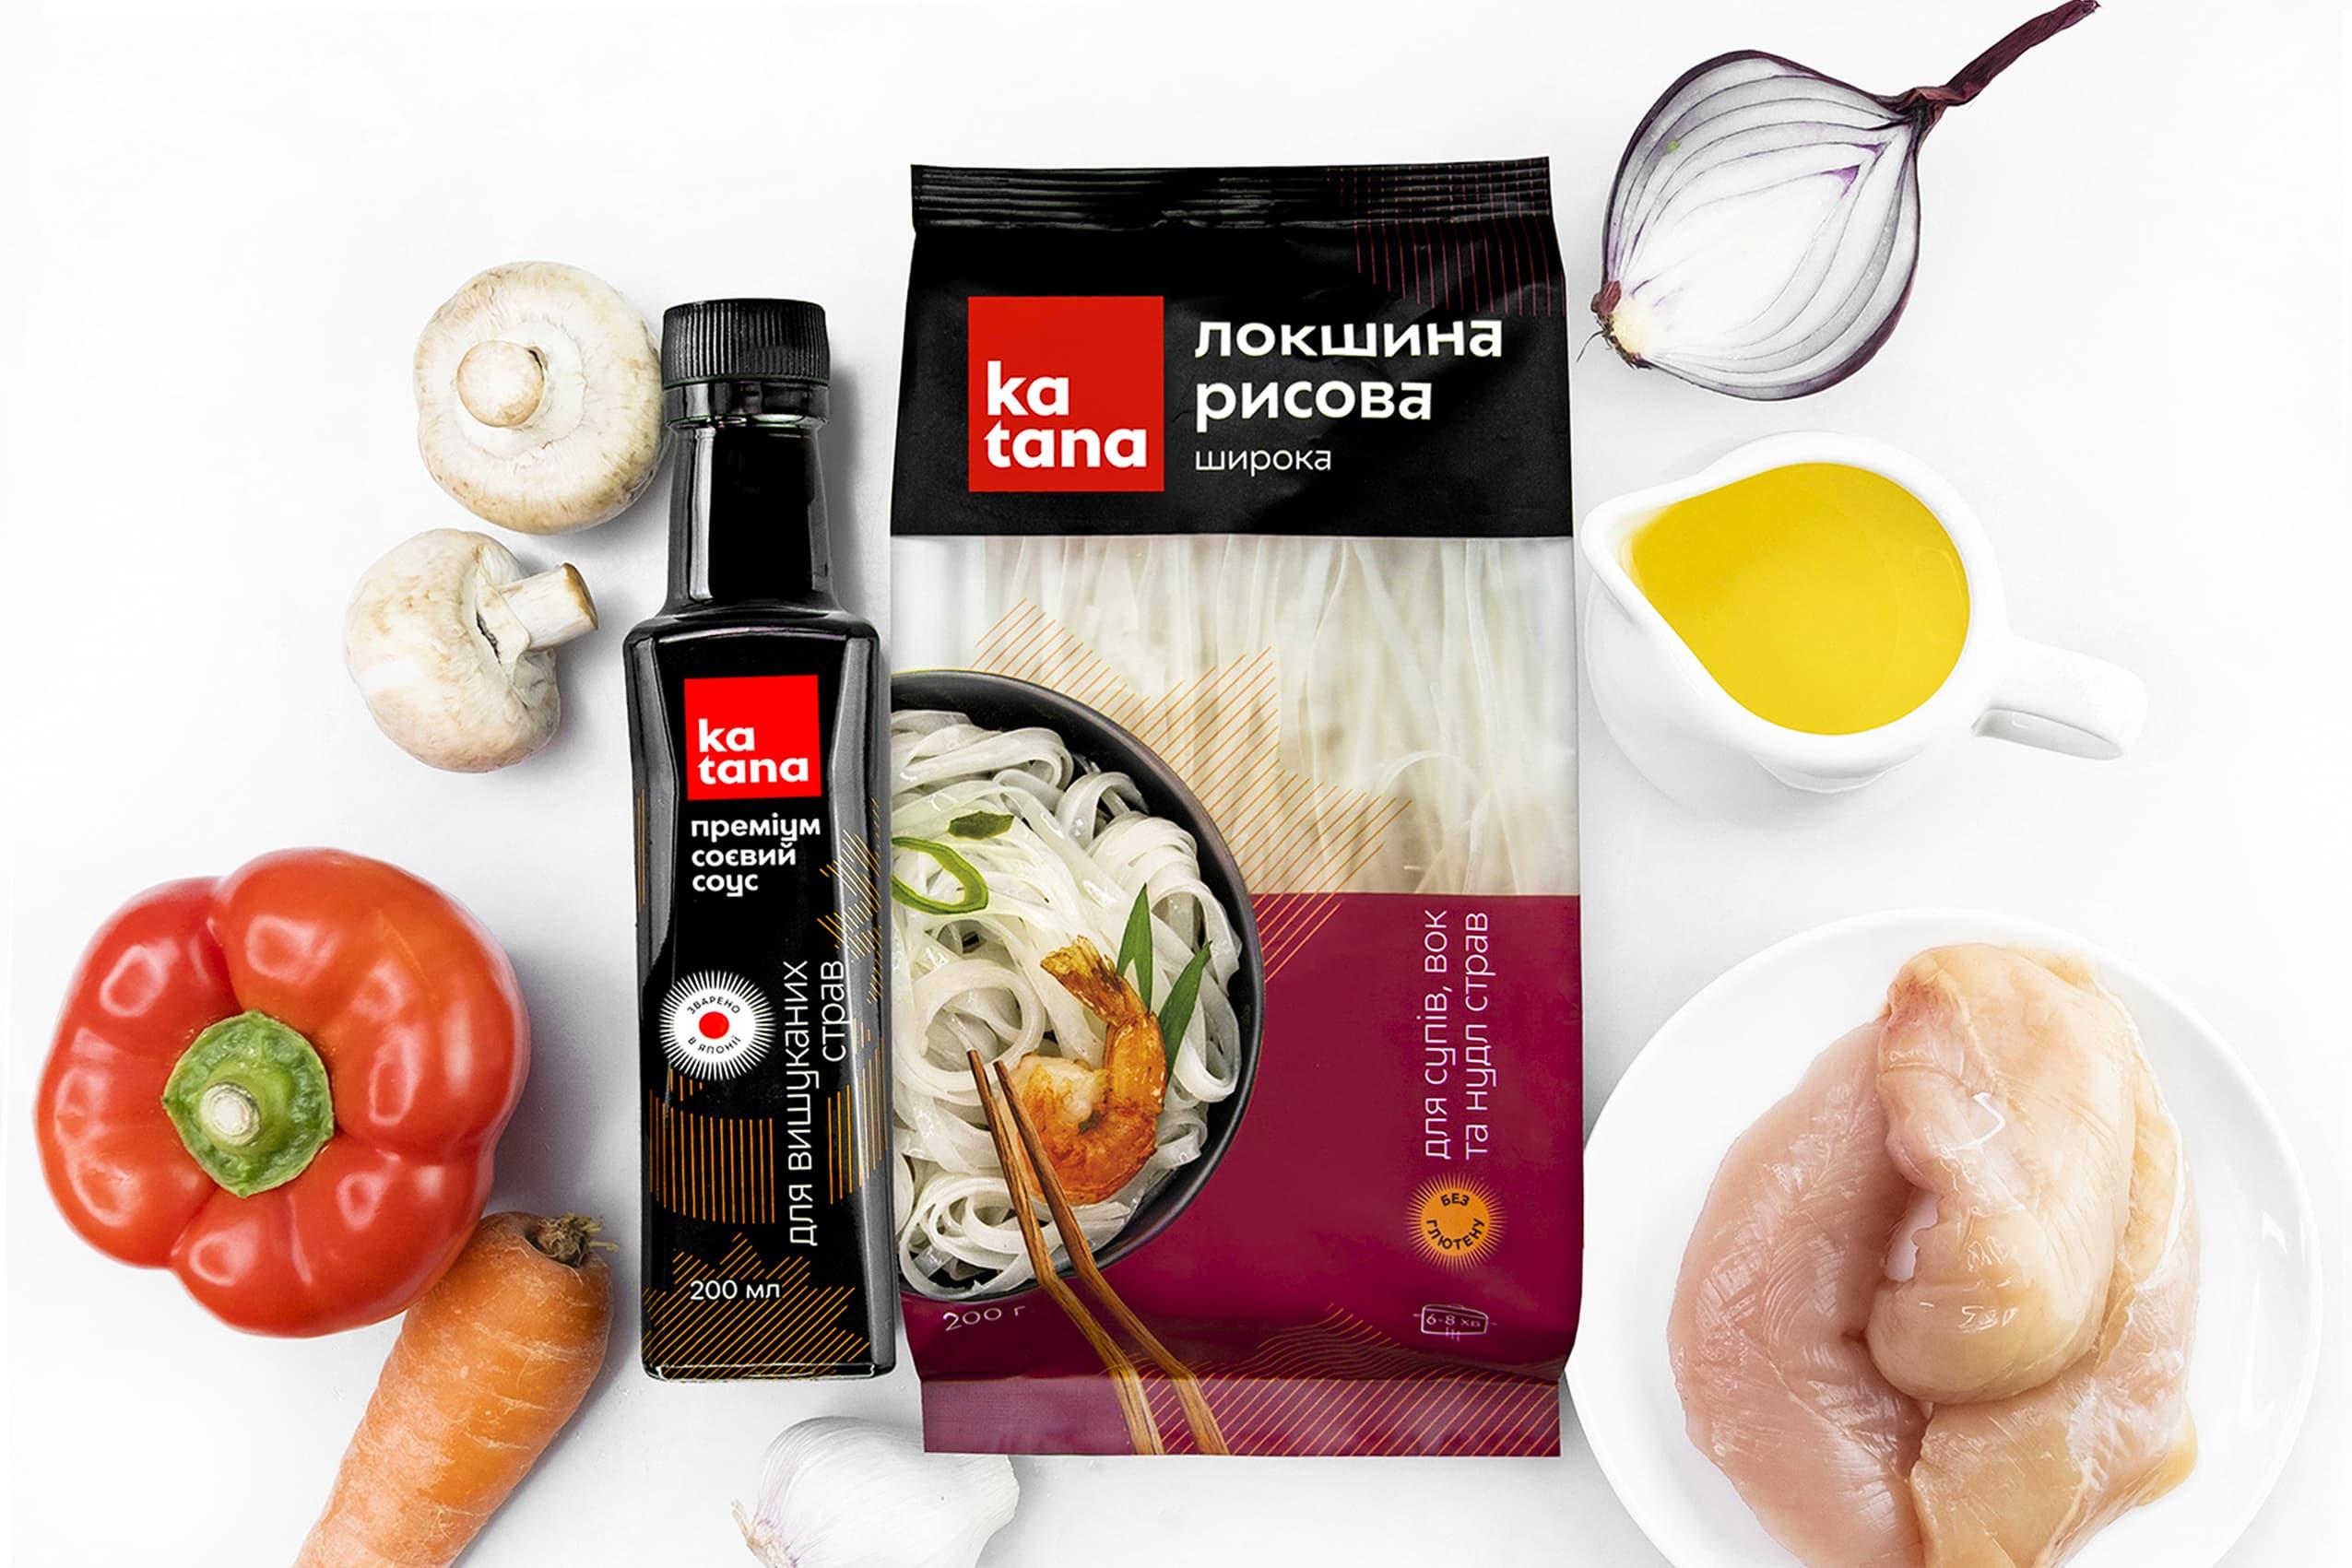 Ингредиенты для рисовой лапши со свининой в соевом соусе